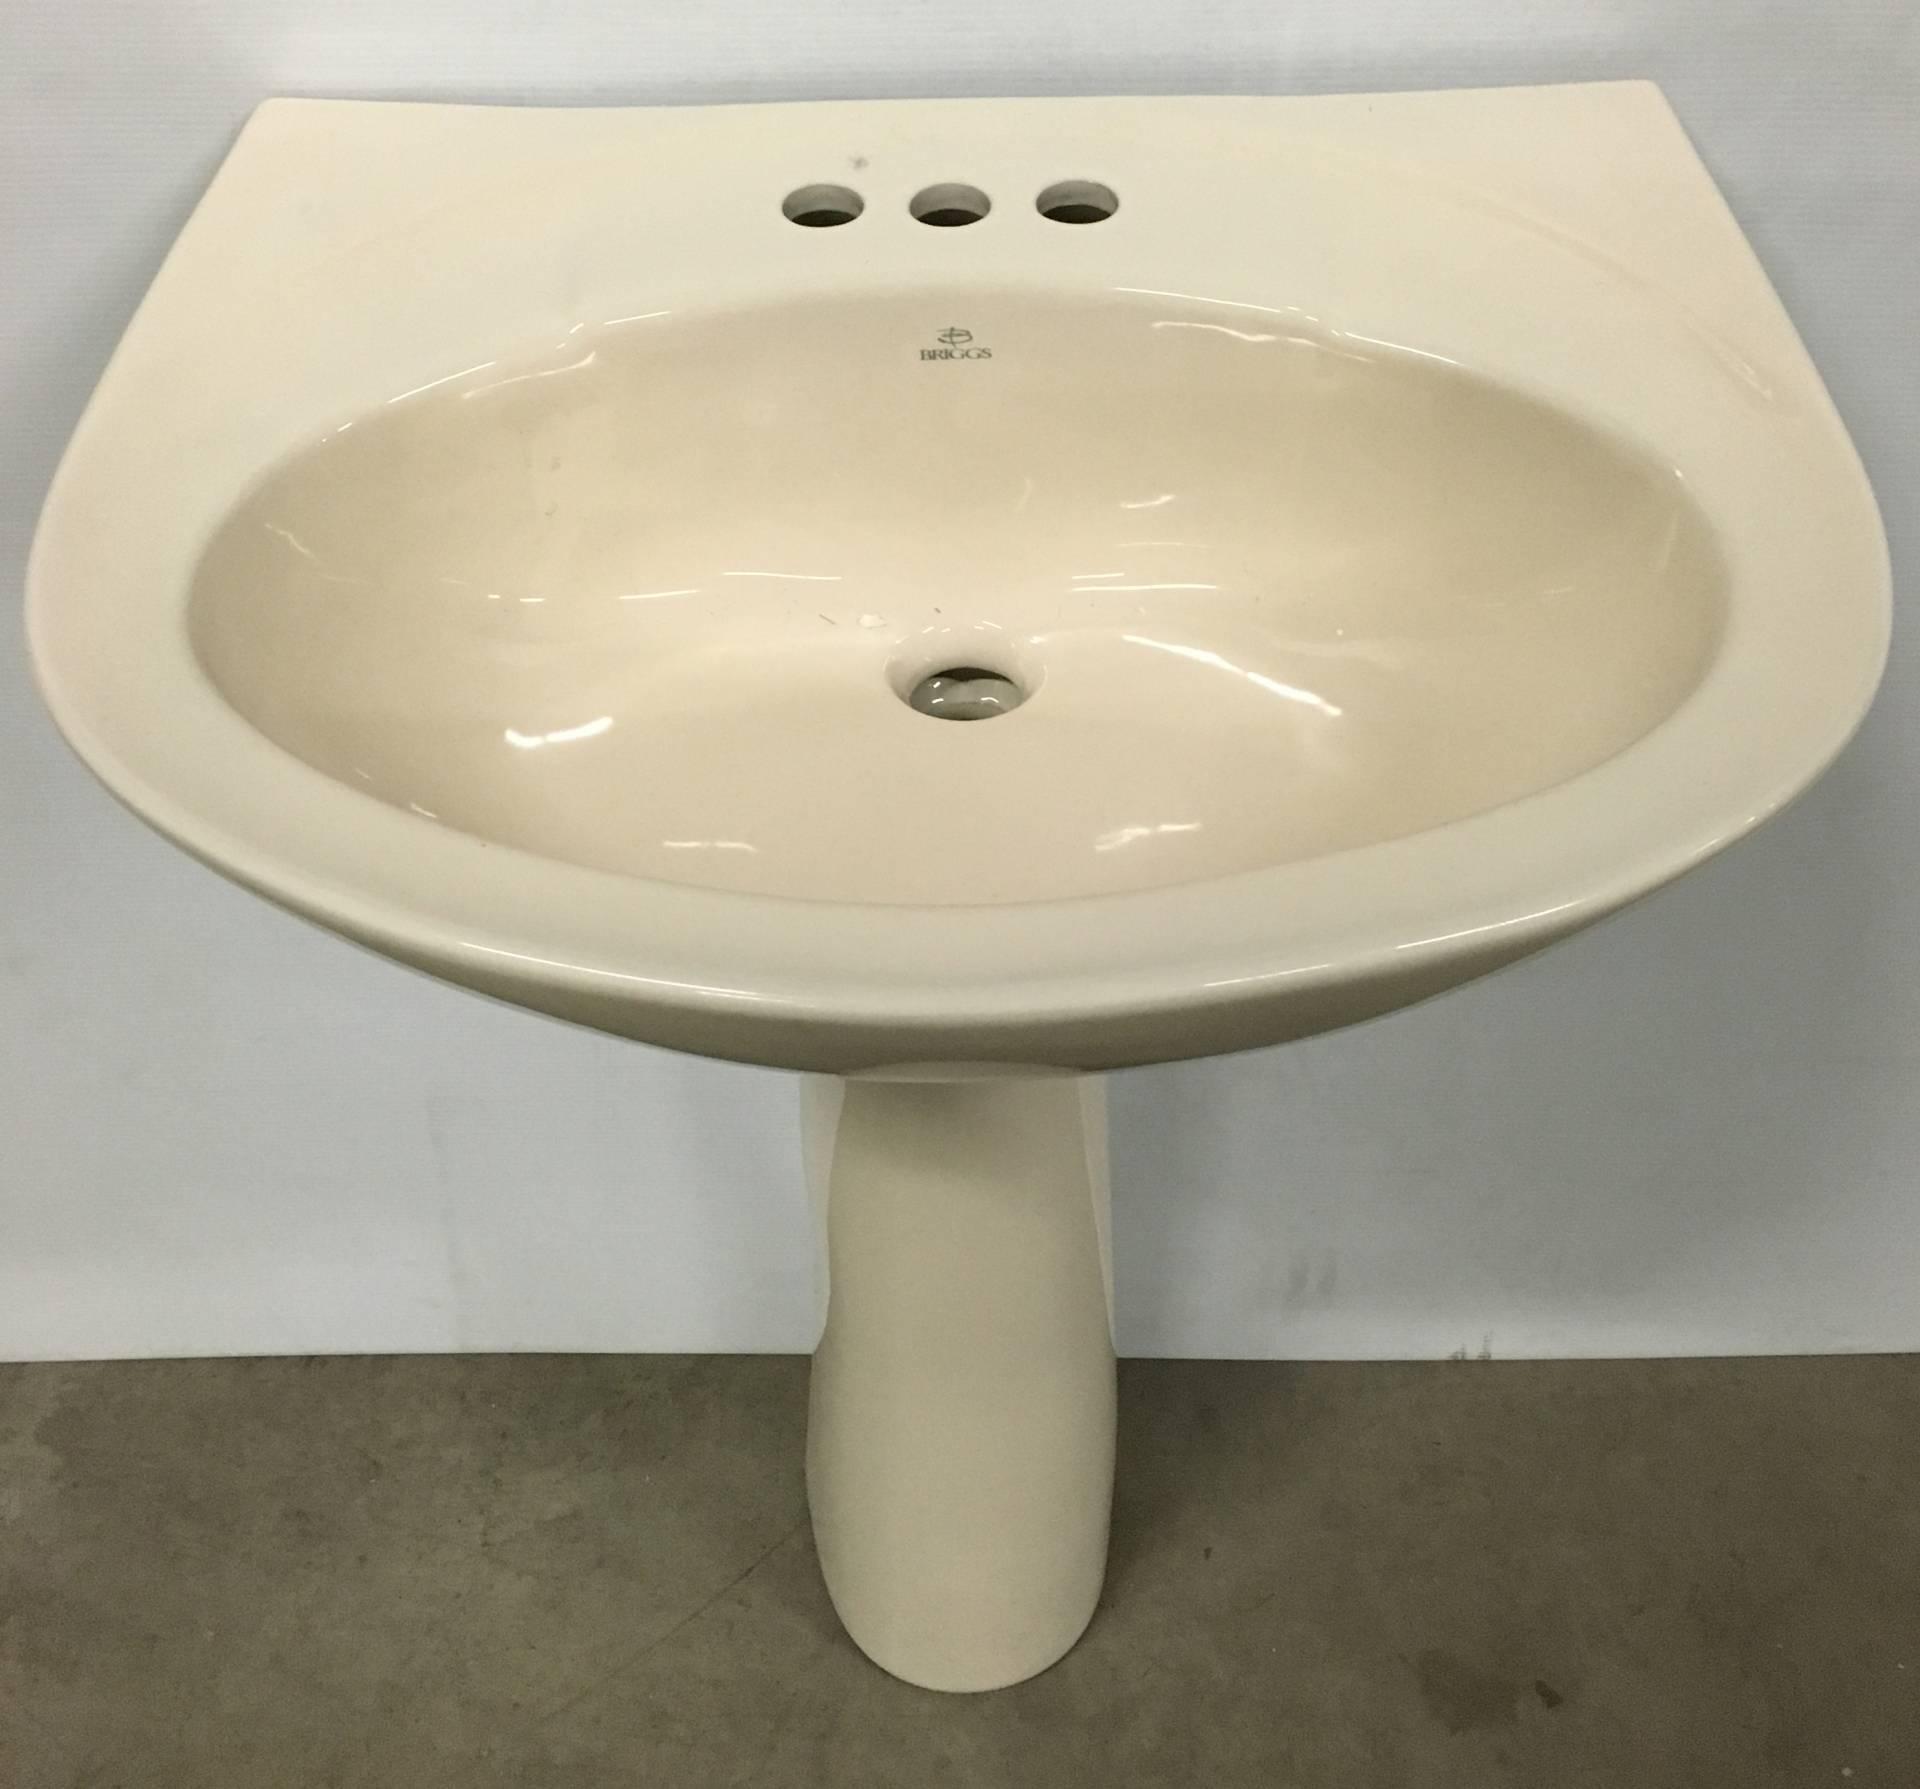 Briggs Altima Biscuit Pedestal Sink 4 Center Holes